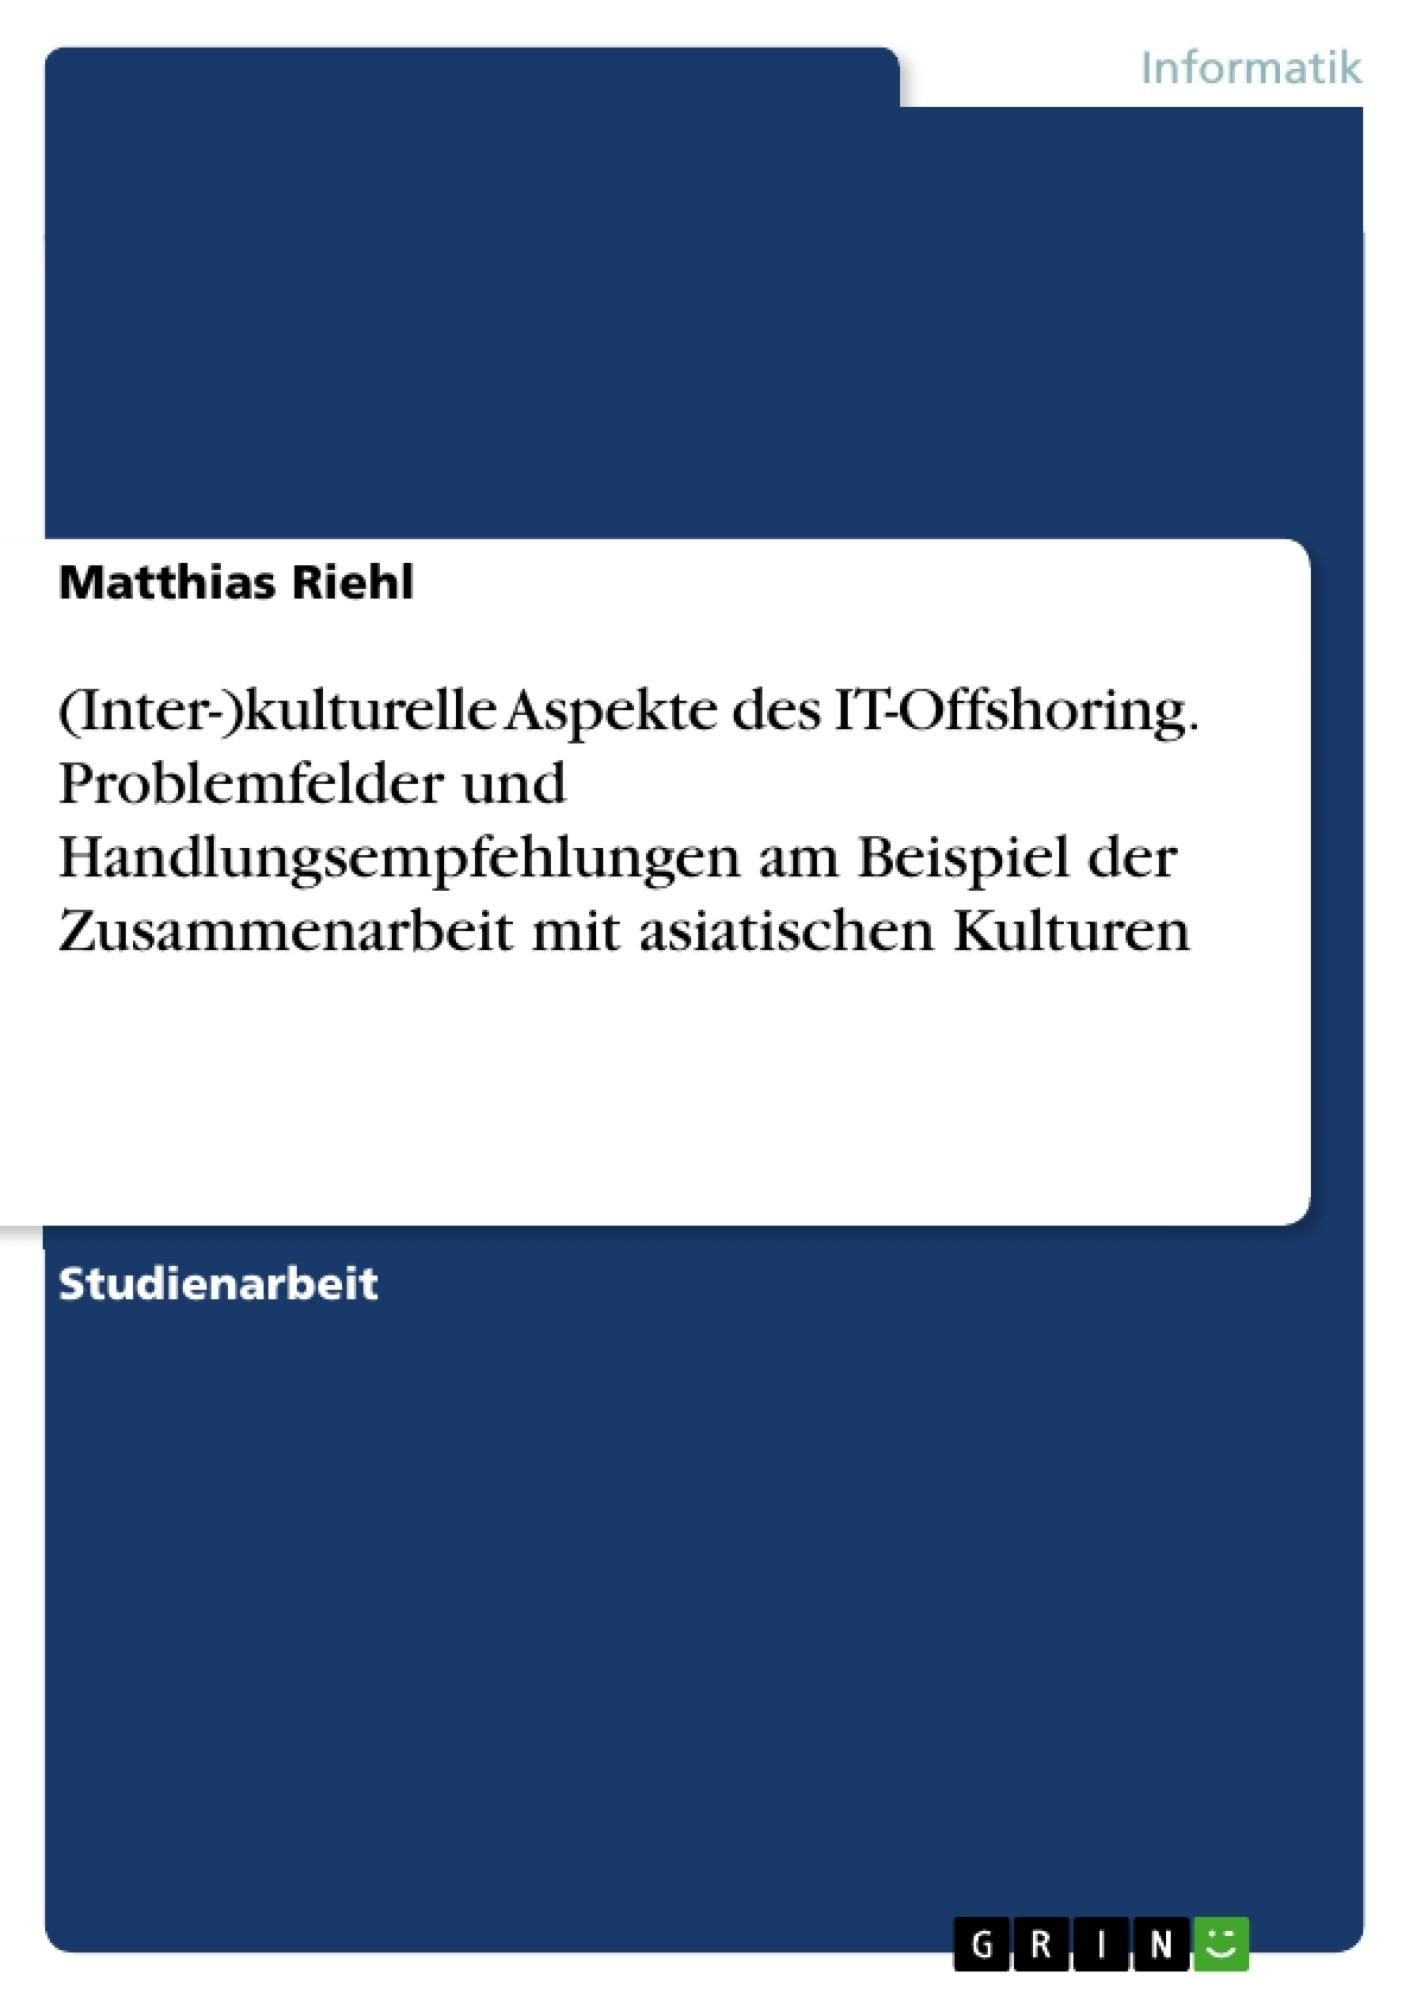 Titel: (Inter-)kulturelle Aspekte des IT-Offshoring. Problemfelder und Handlungsempfehlungen am Beispiel der Zusammenarbeit mit asiatischen Kulturen